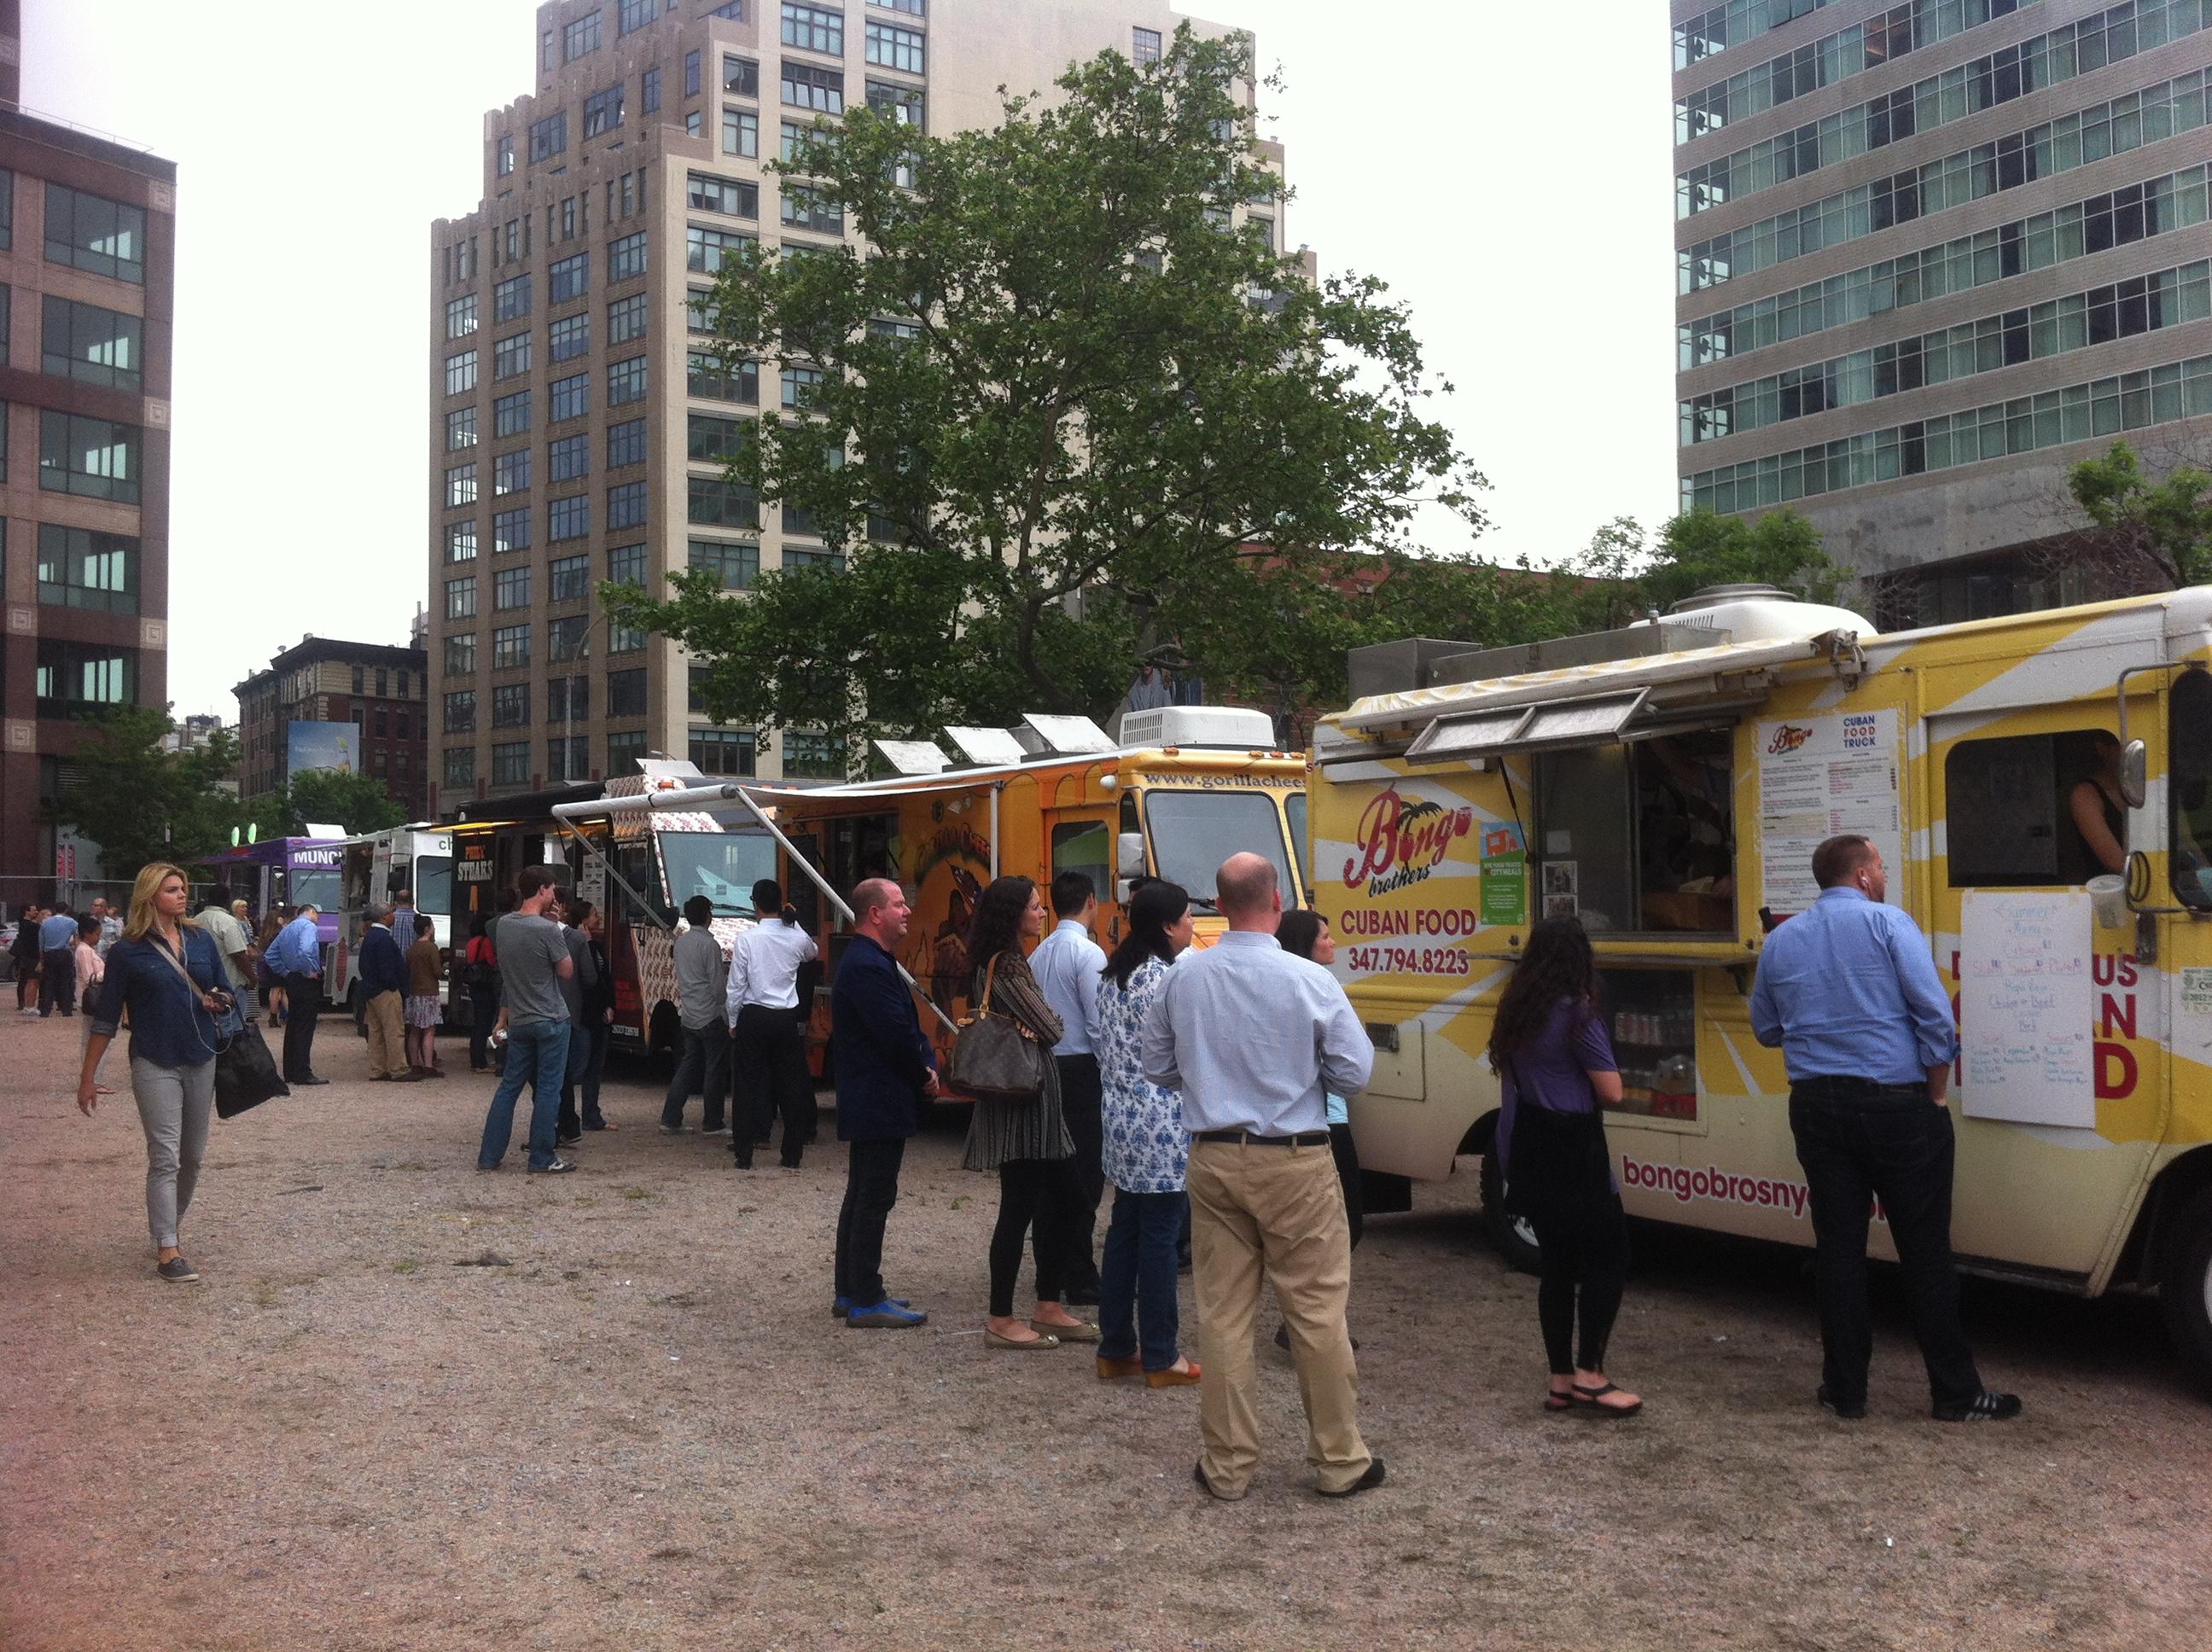 LentSpace_-_Food_trucks.jpg